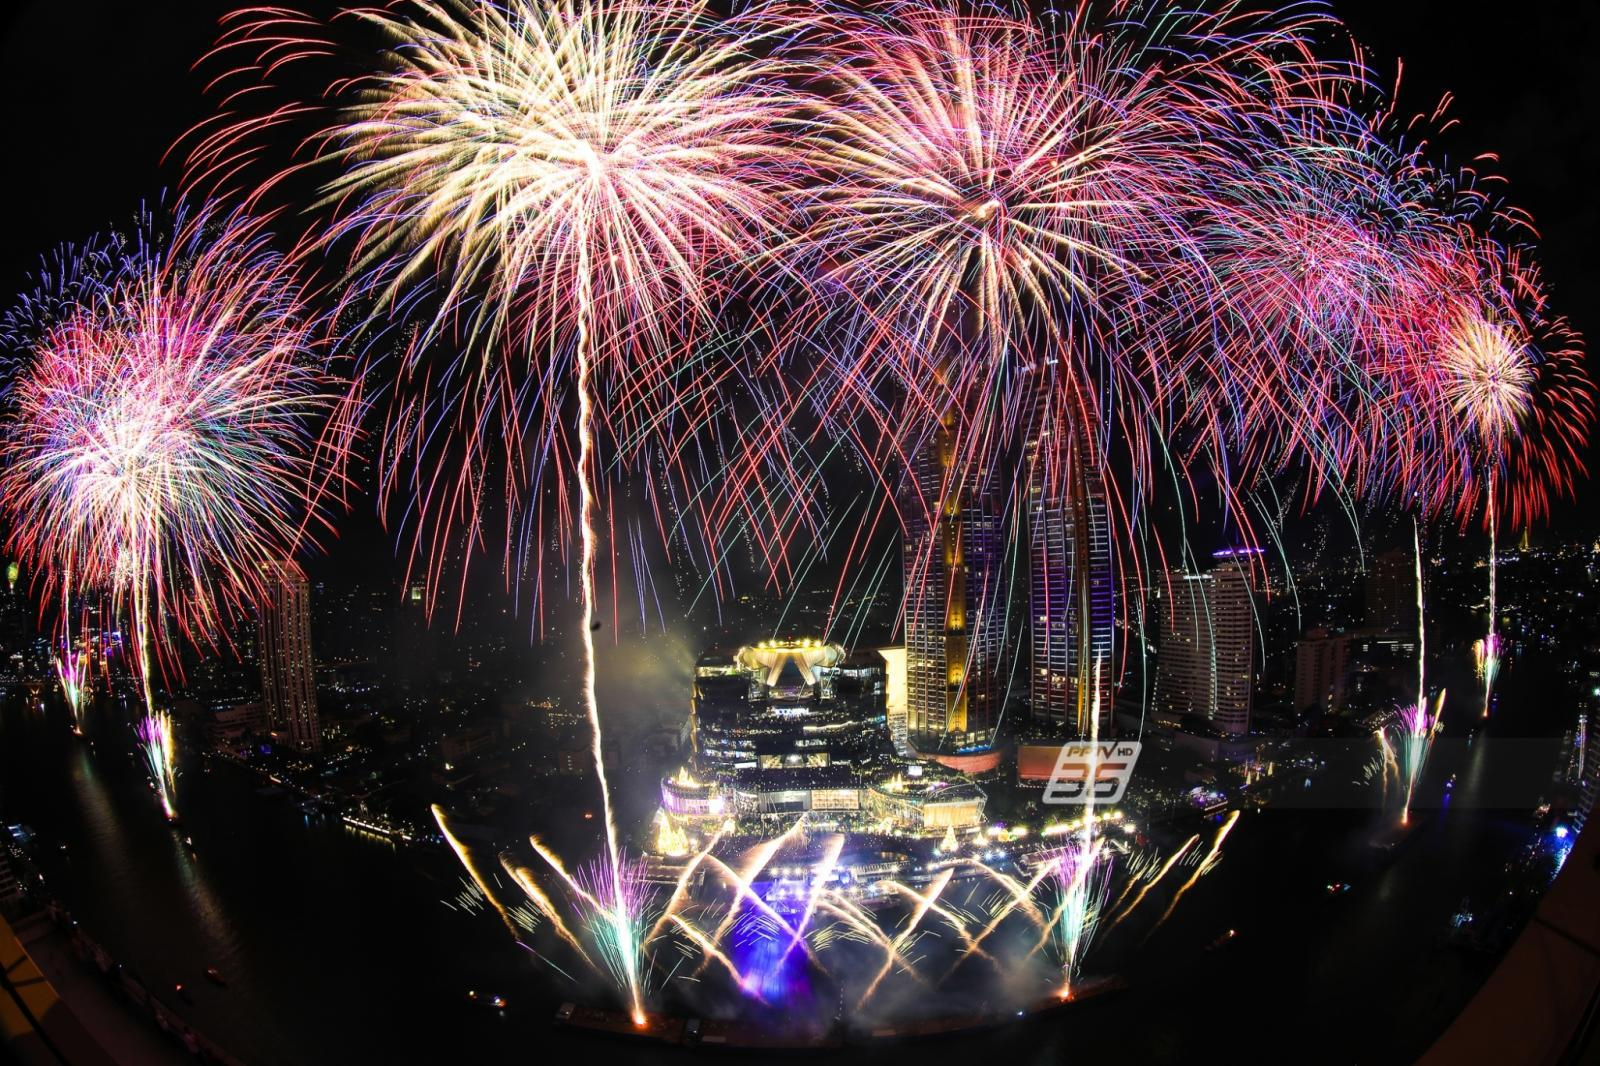 สุดยิ่งใหญ่! ทั่วประเทศเคาท์ดาวน์ ส่งท้ายปีเก่า-ต้อนรับปีใหม่ 2563